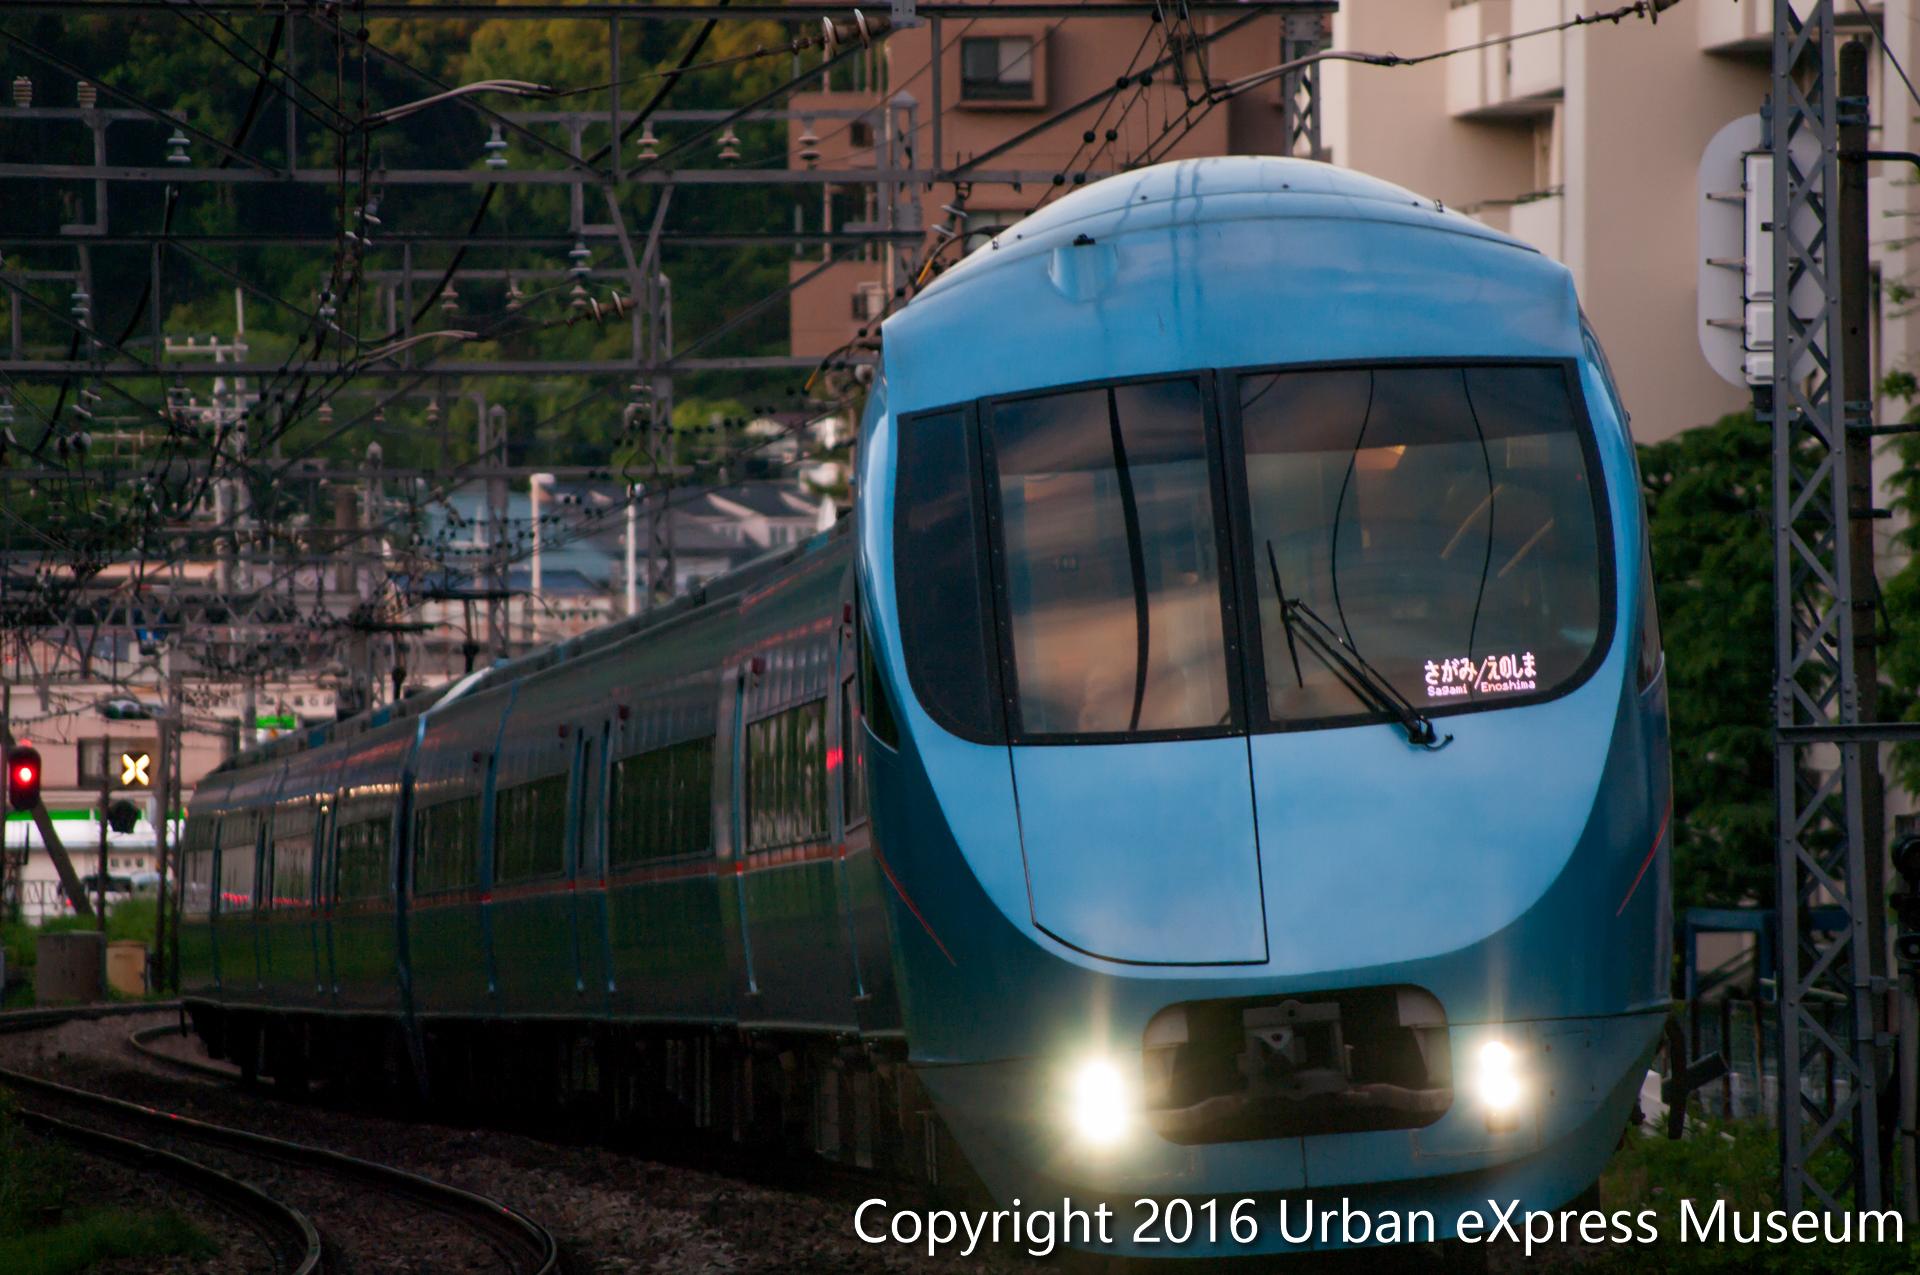 鉄道写真コーナーに小田急60000形を追加しました!